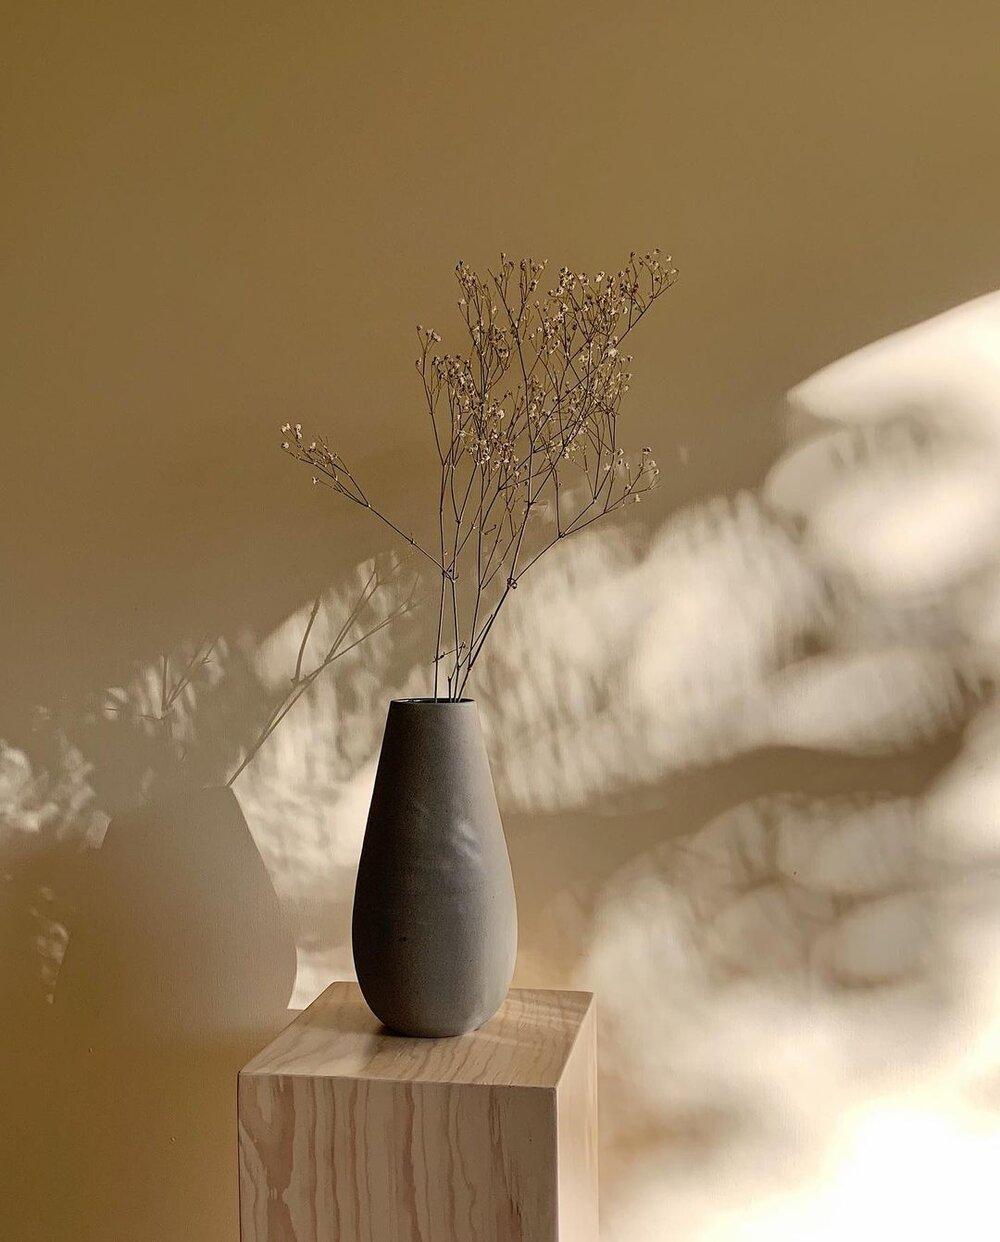 Sustainably Chic | Sustainable Fashion & Lifestyle Blog | Sustainable Home Goods from Obakki | Sustainable Vase.jpg